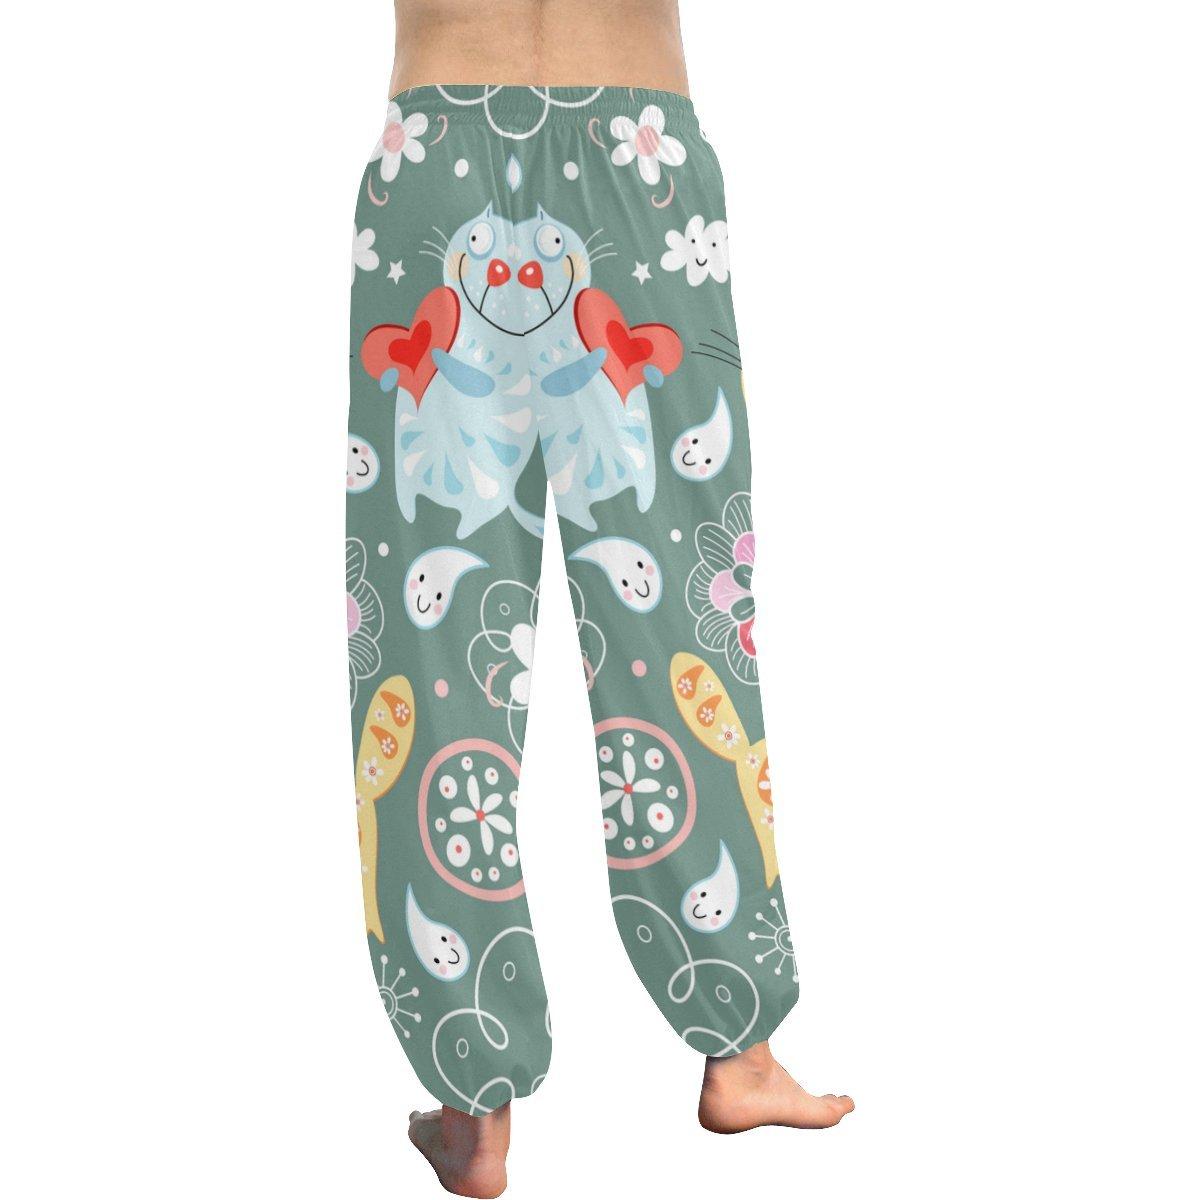 Cute Cartoon Cat Pattern Print Womens Yoga Harem Pants